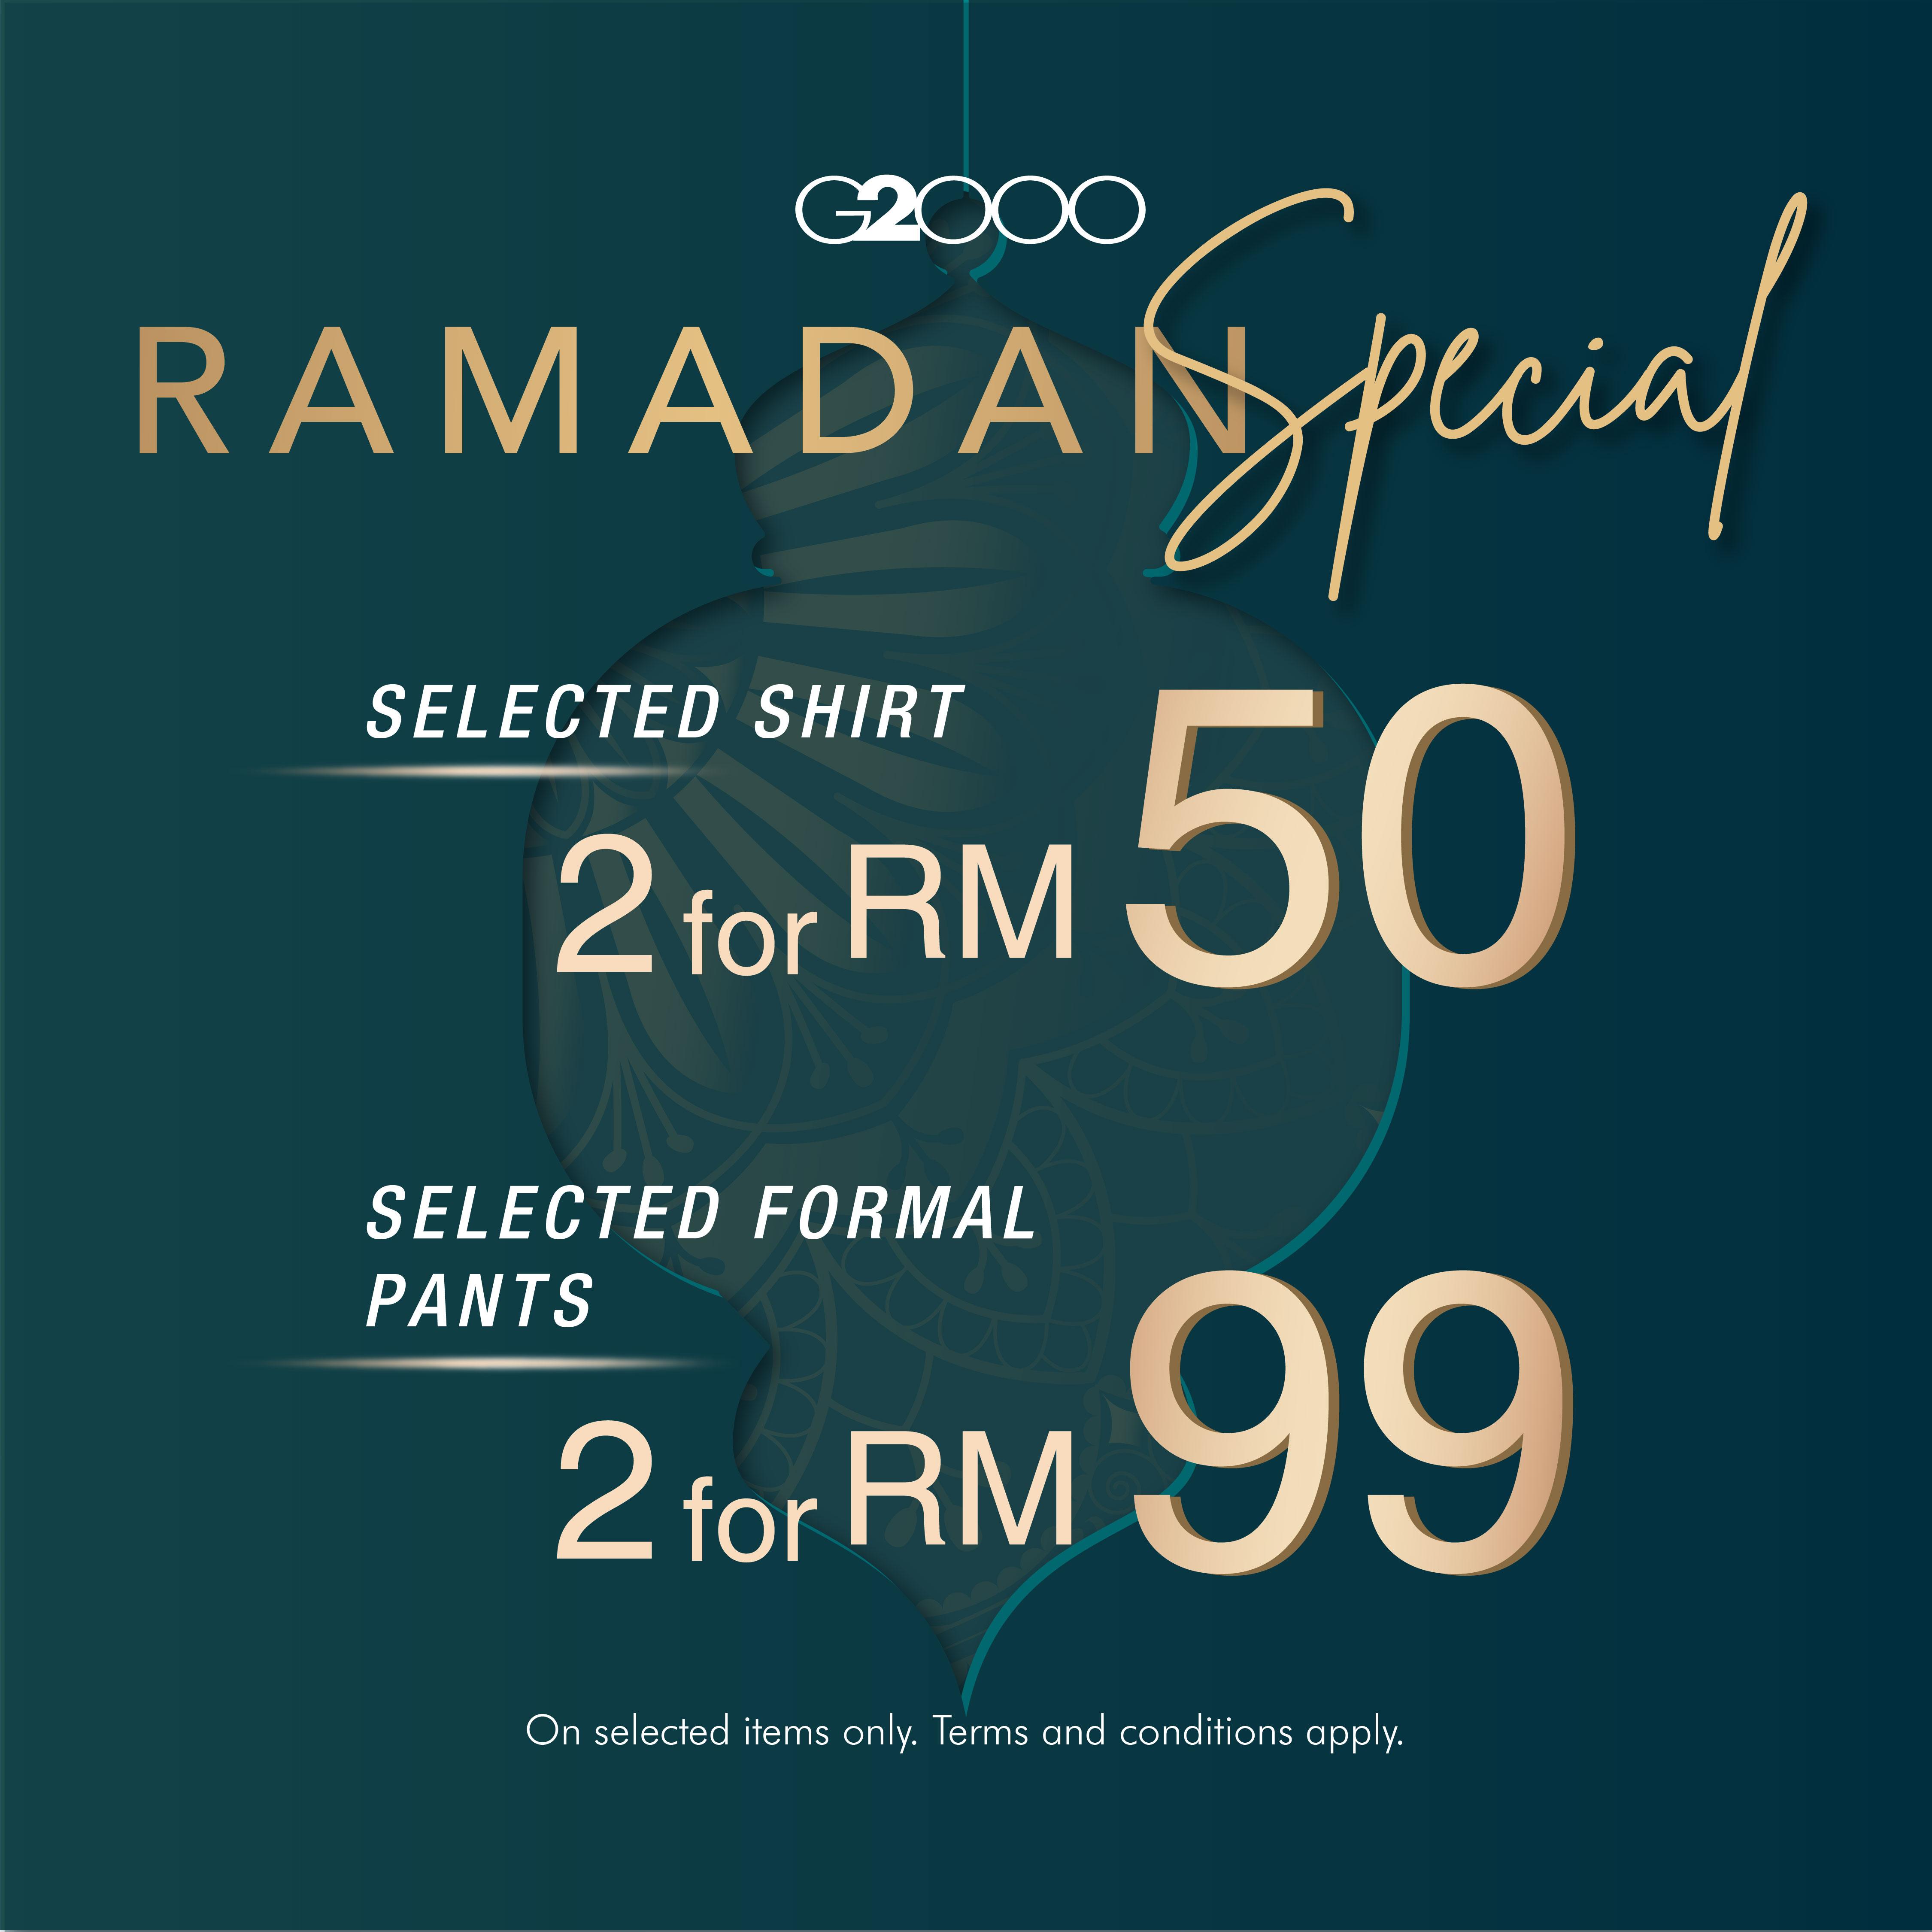 Ramadan Special _IG feed